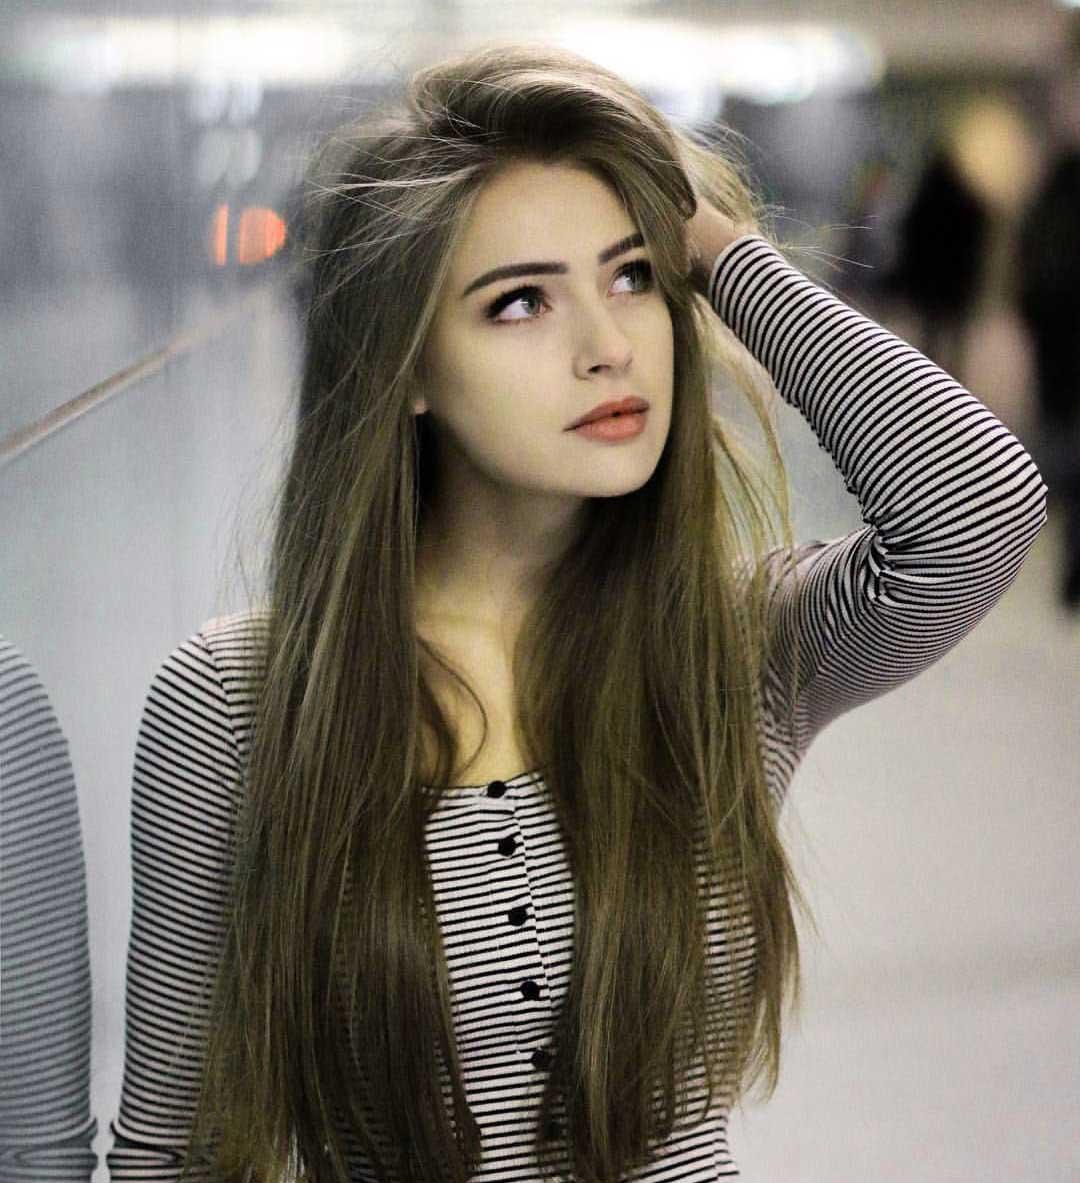 Beautiful Stylish Girls Whatsapp Dp p Wallpaper free